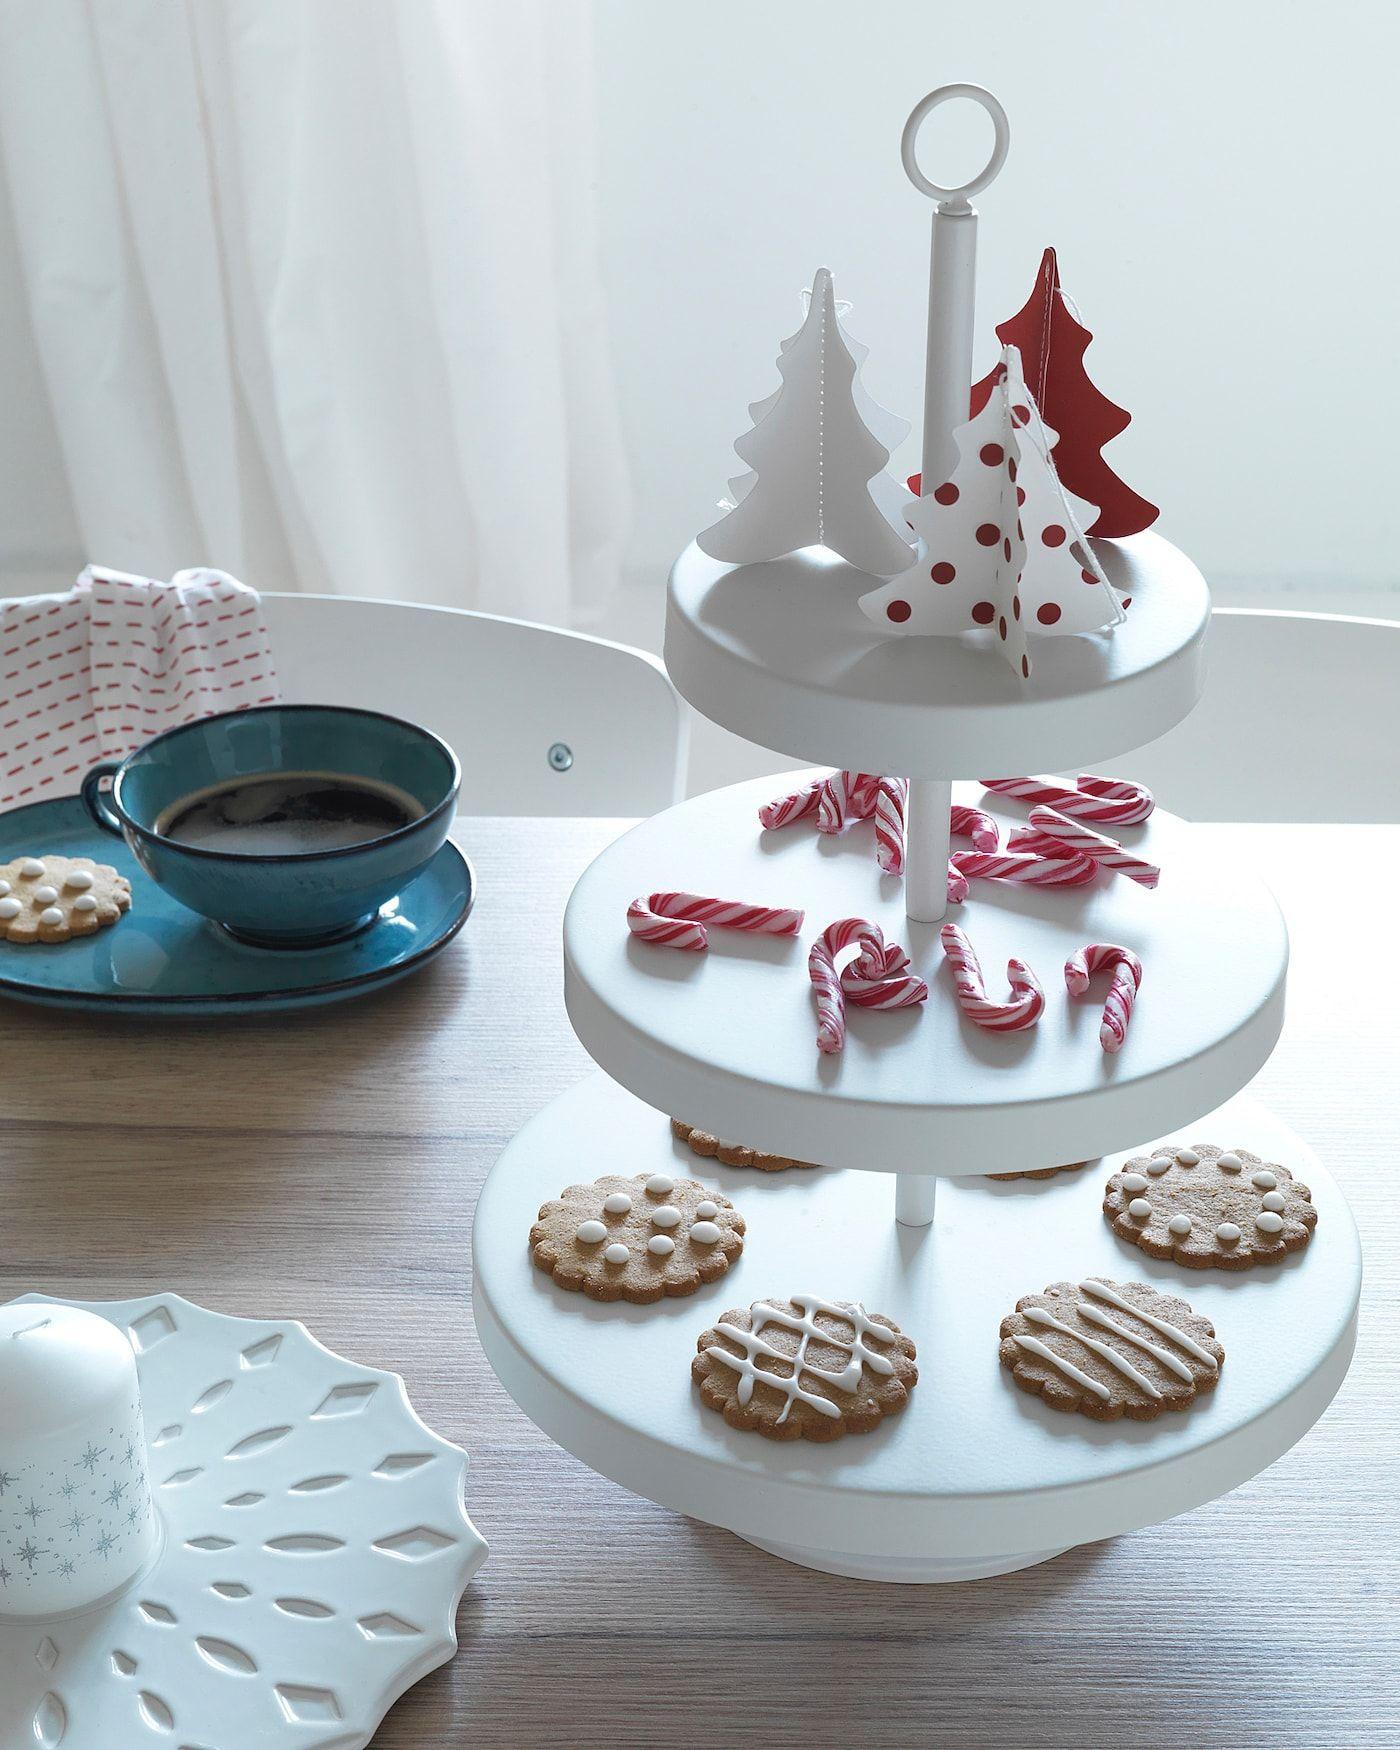 VINTERFEST Hängedekoration - Weihnachtsbaum, rot/weiß - IKEA Österreich